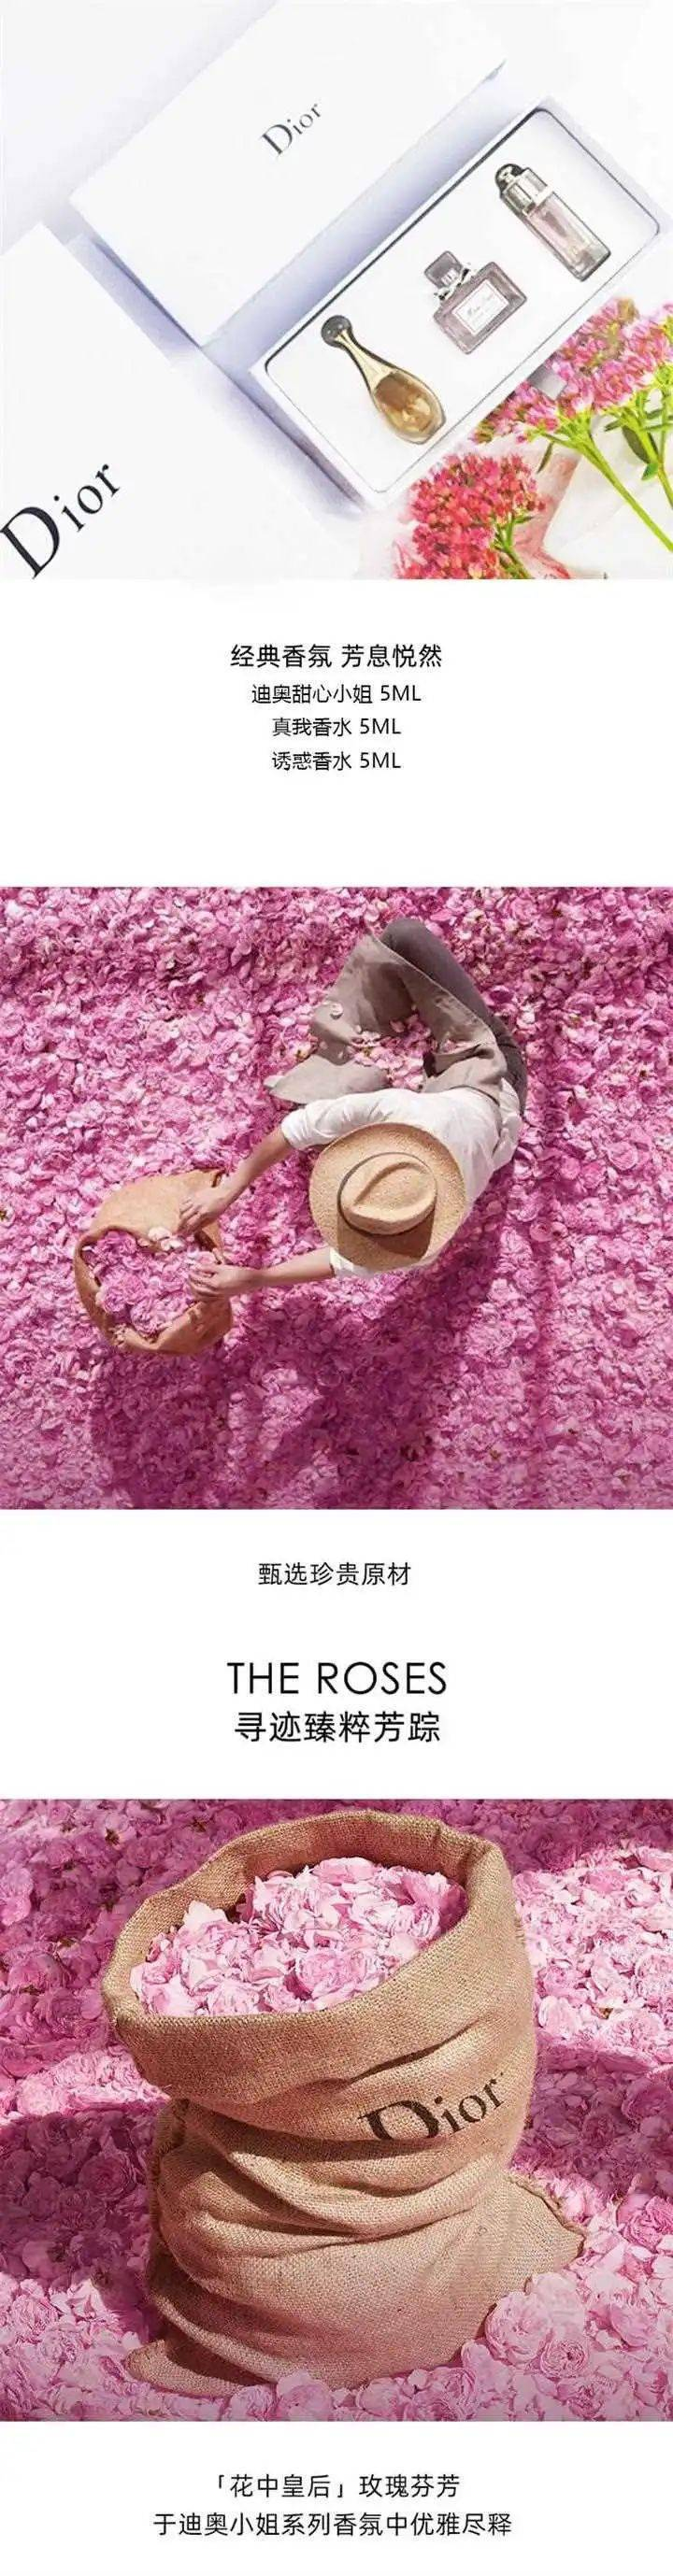 """仙女都在囤的大牌""""贵""""香【法国迪奥·Dior香水小样三件套】限时仅¥169!真我纯香、 粉红魅惑清新、花漾甜心,给你的魅"""